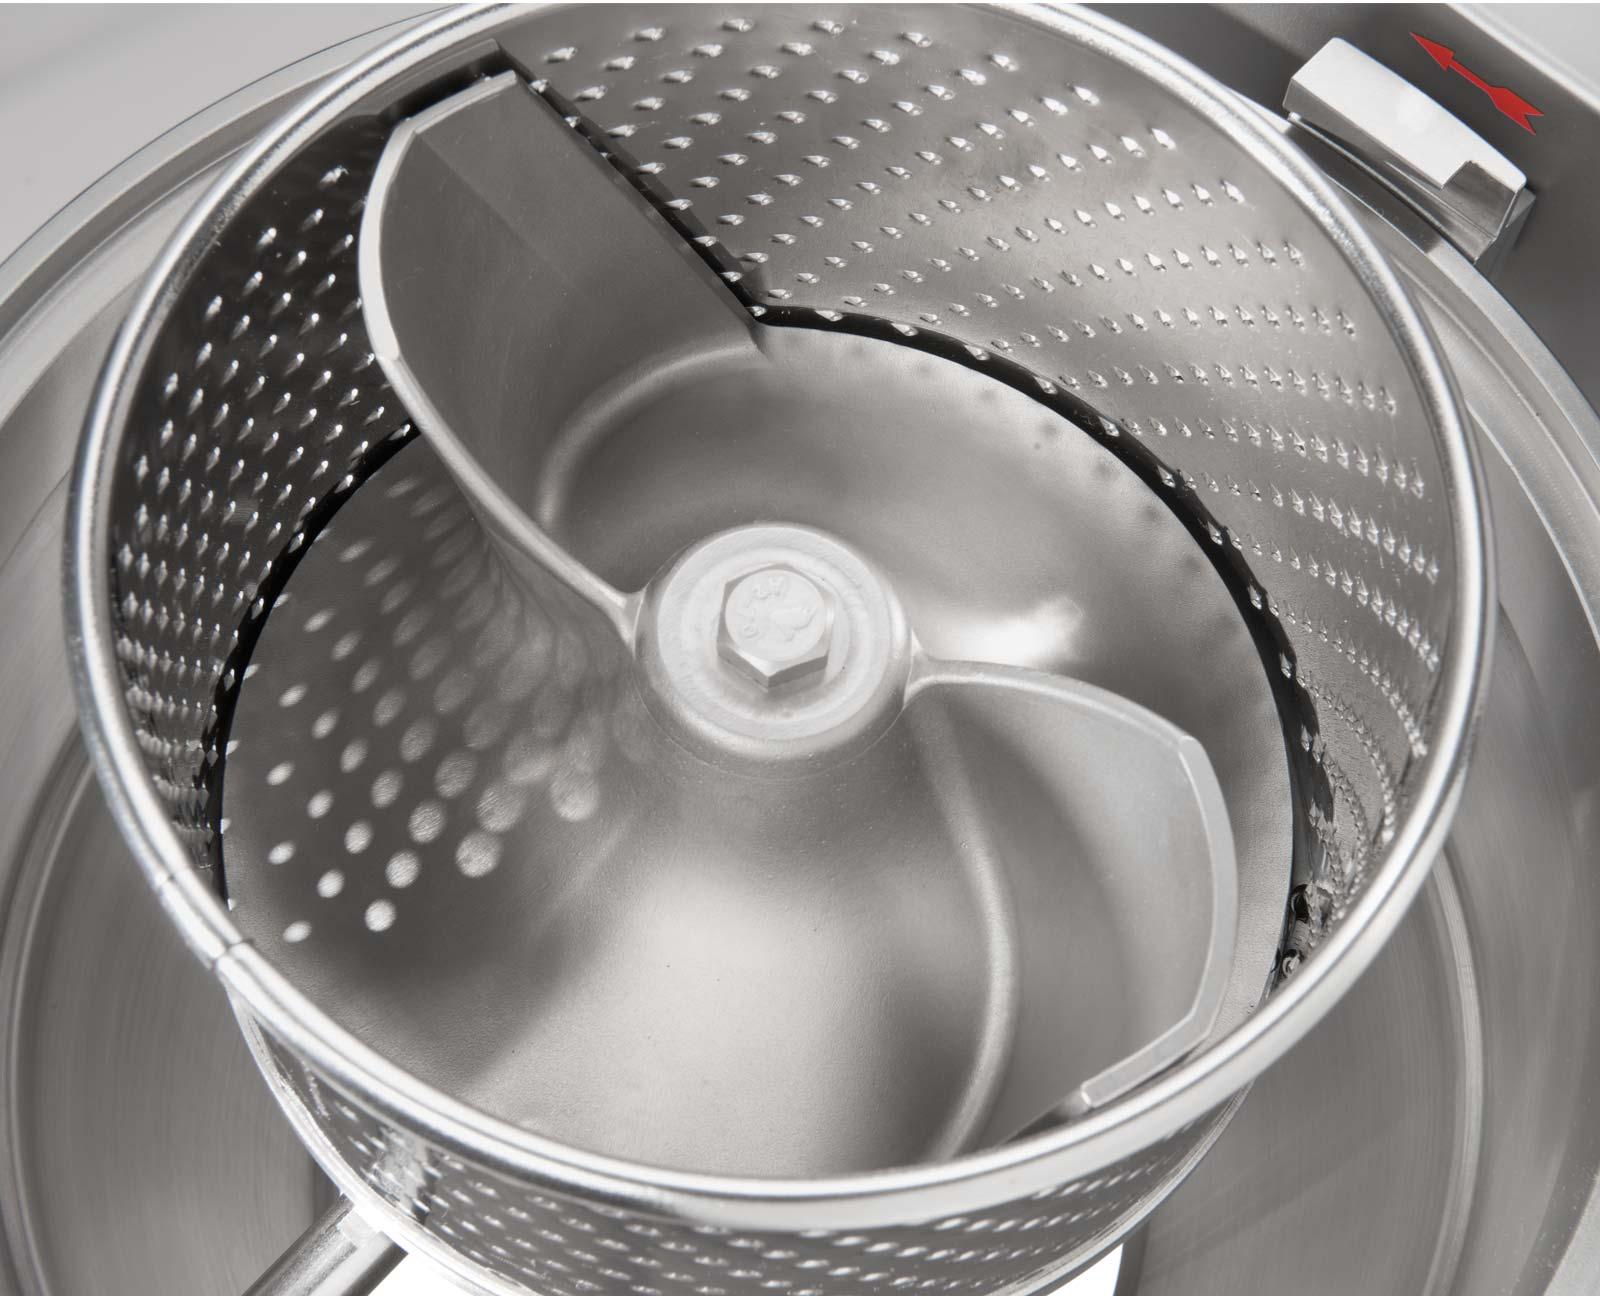 Schneidwerkzeuge aus eigener Produktion - Feuma HU Multifunktions-Küchenmaschine für die Profiküche